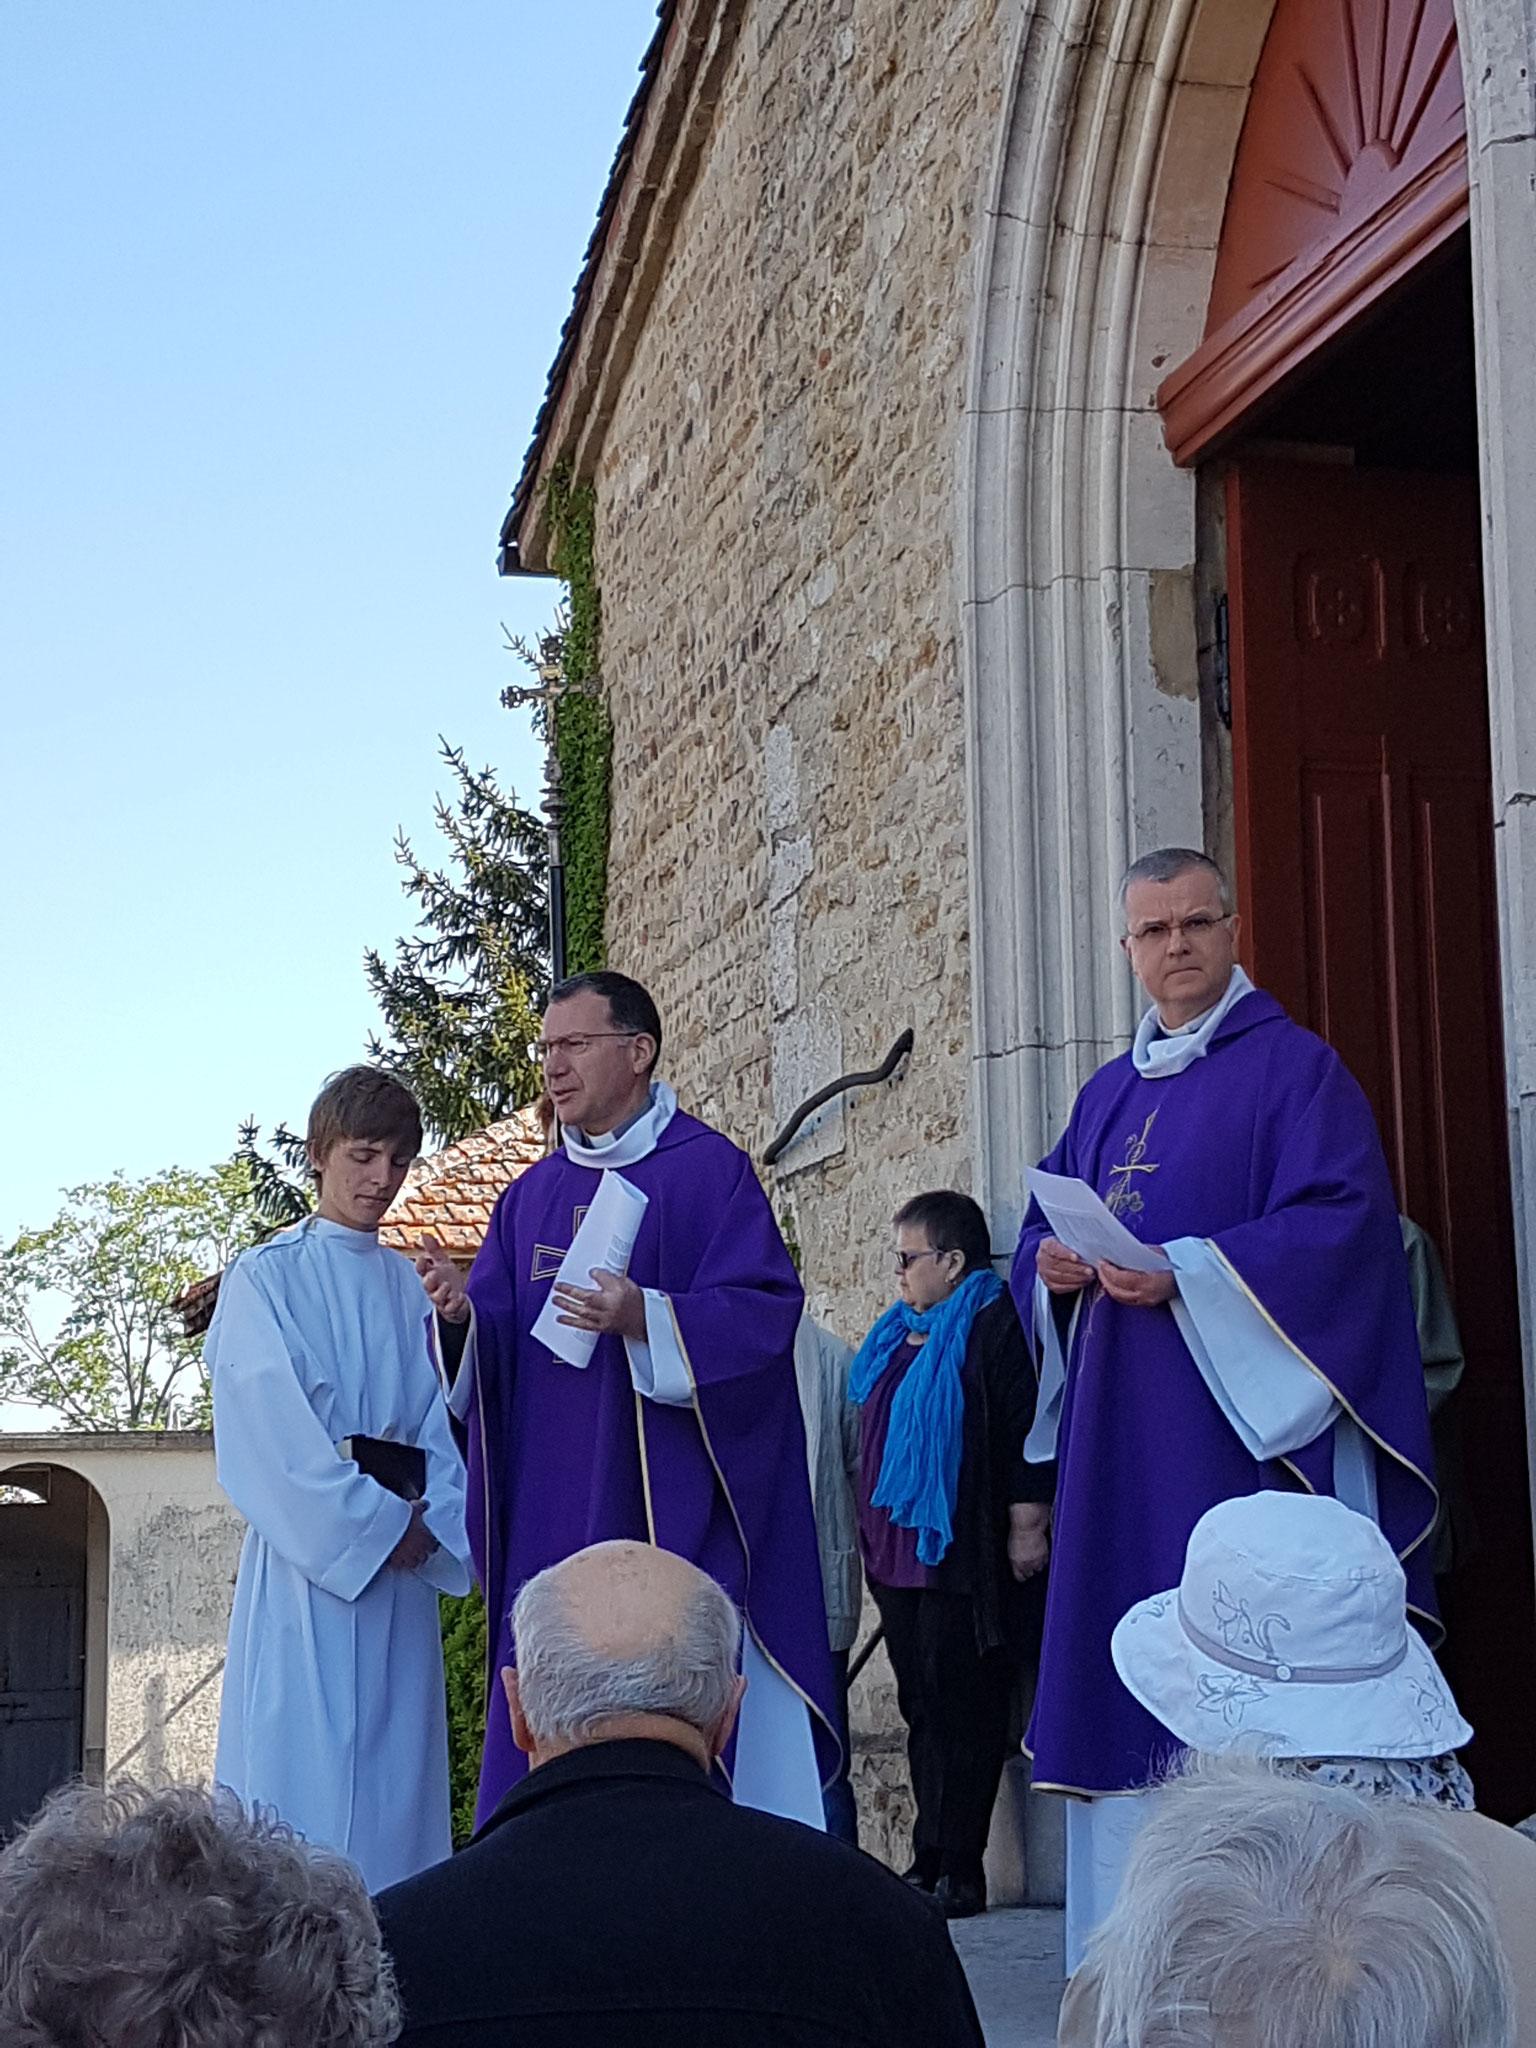 Après la prière d'ouverture, les prêtres suivis des paroissiens sont entrés en procession.